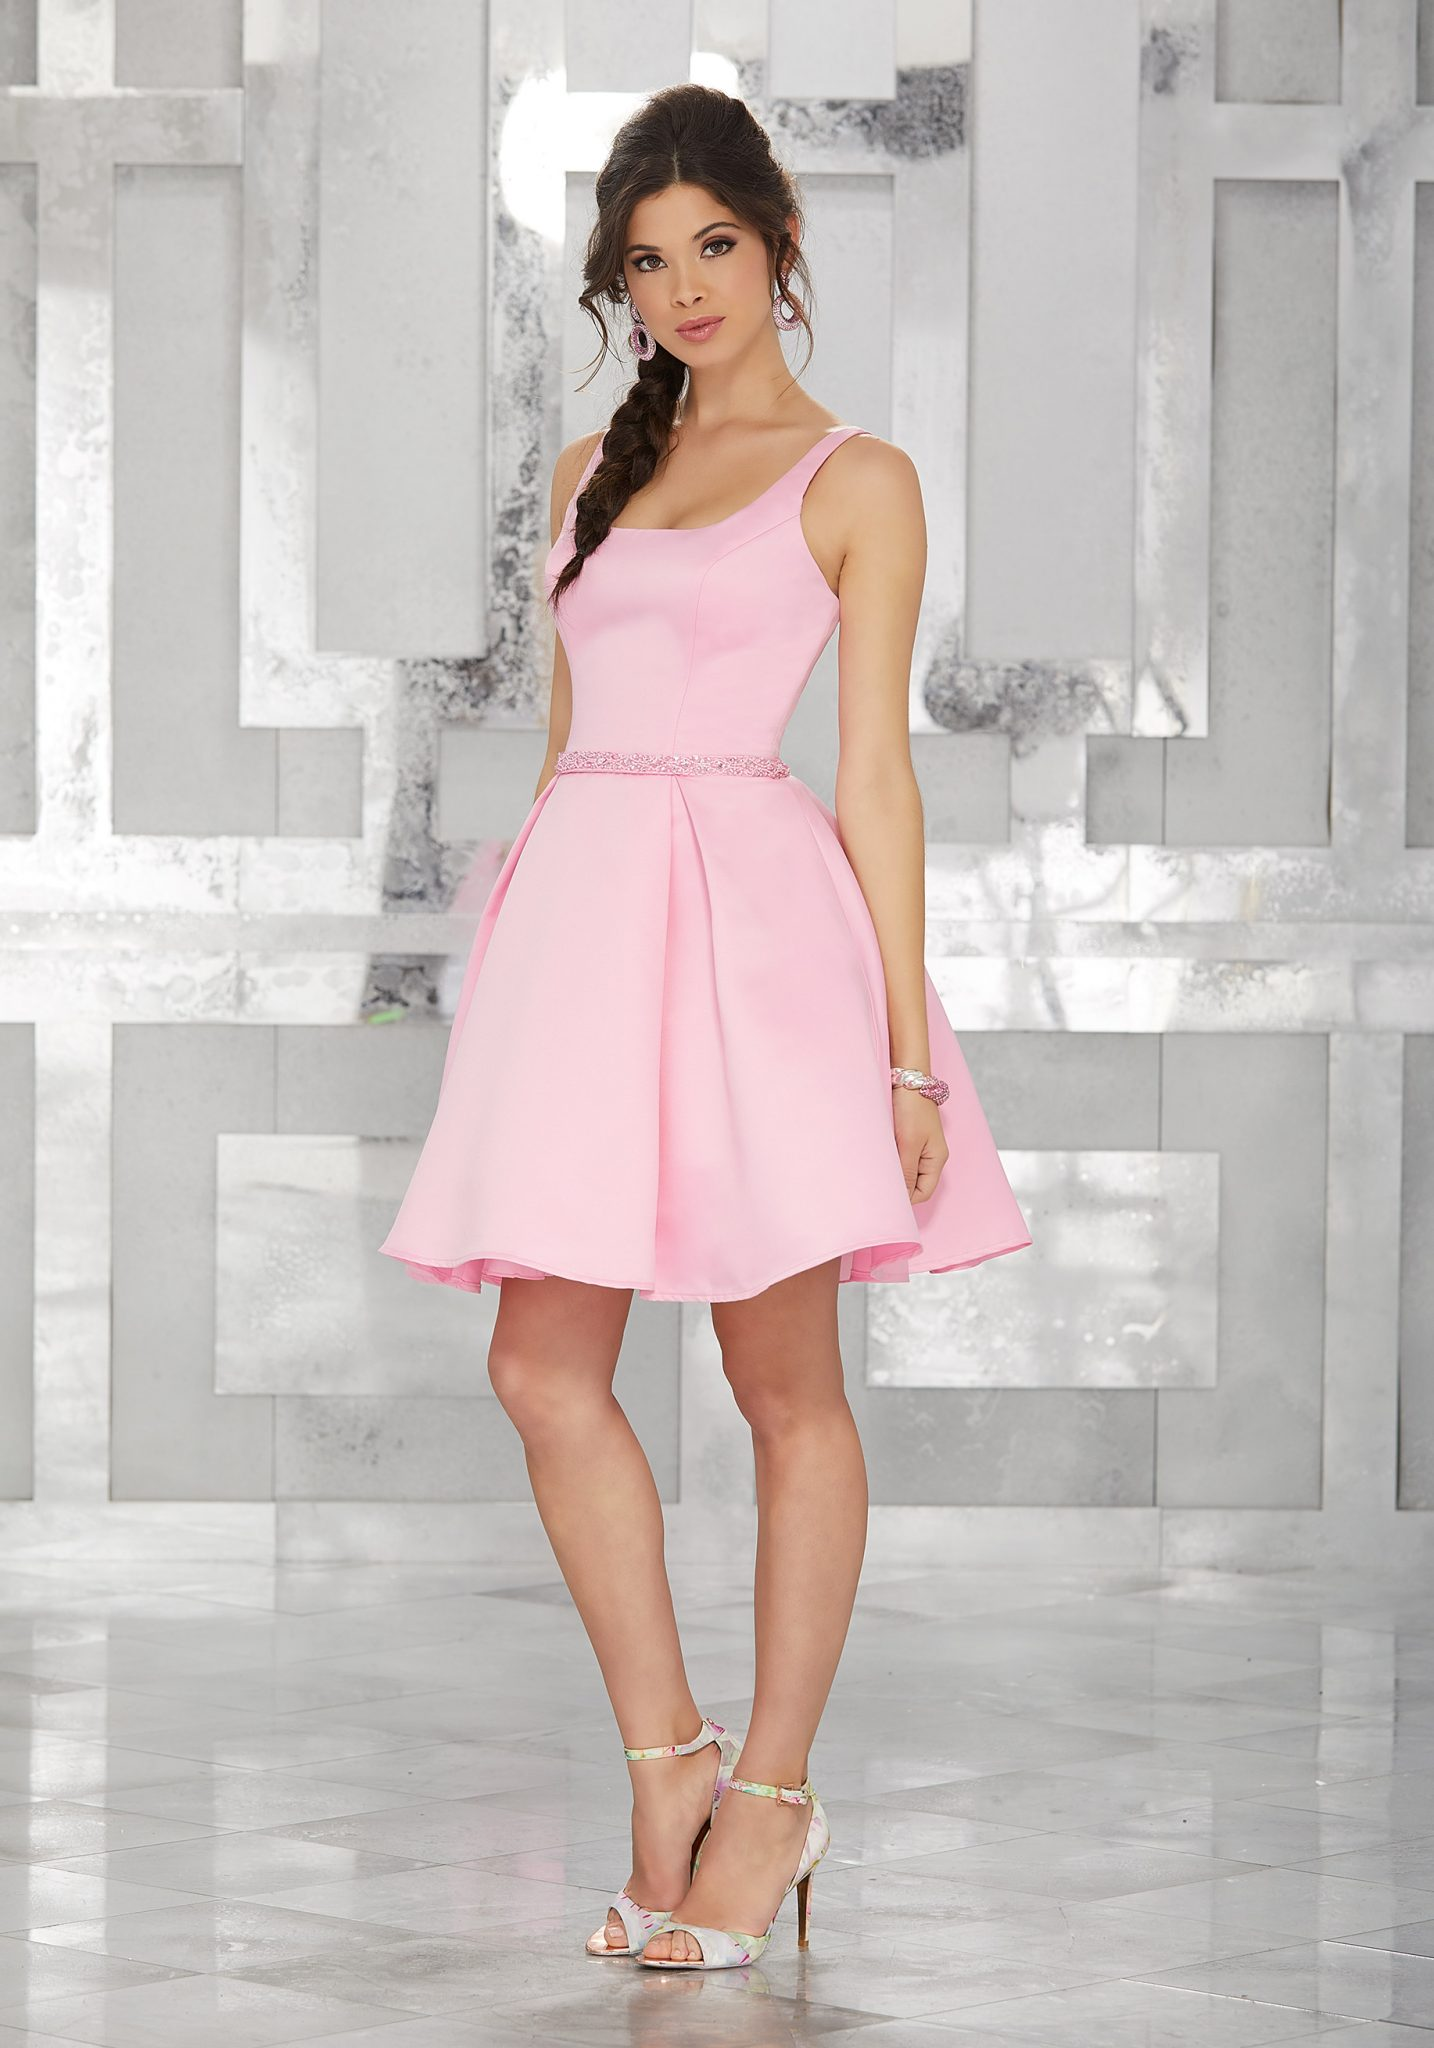 2020 Abiye Elbise Kısa Abiye Modelleri Pembe Askılı Saten Belden Boncuk İşlemeli Kemer